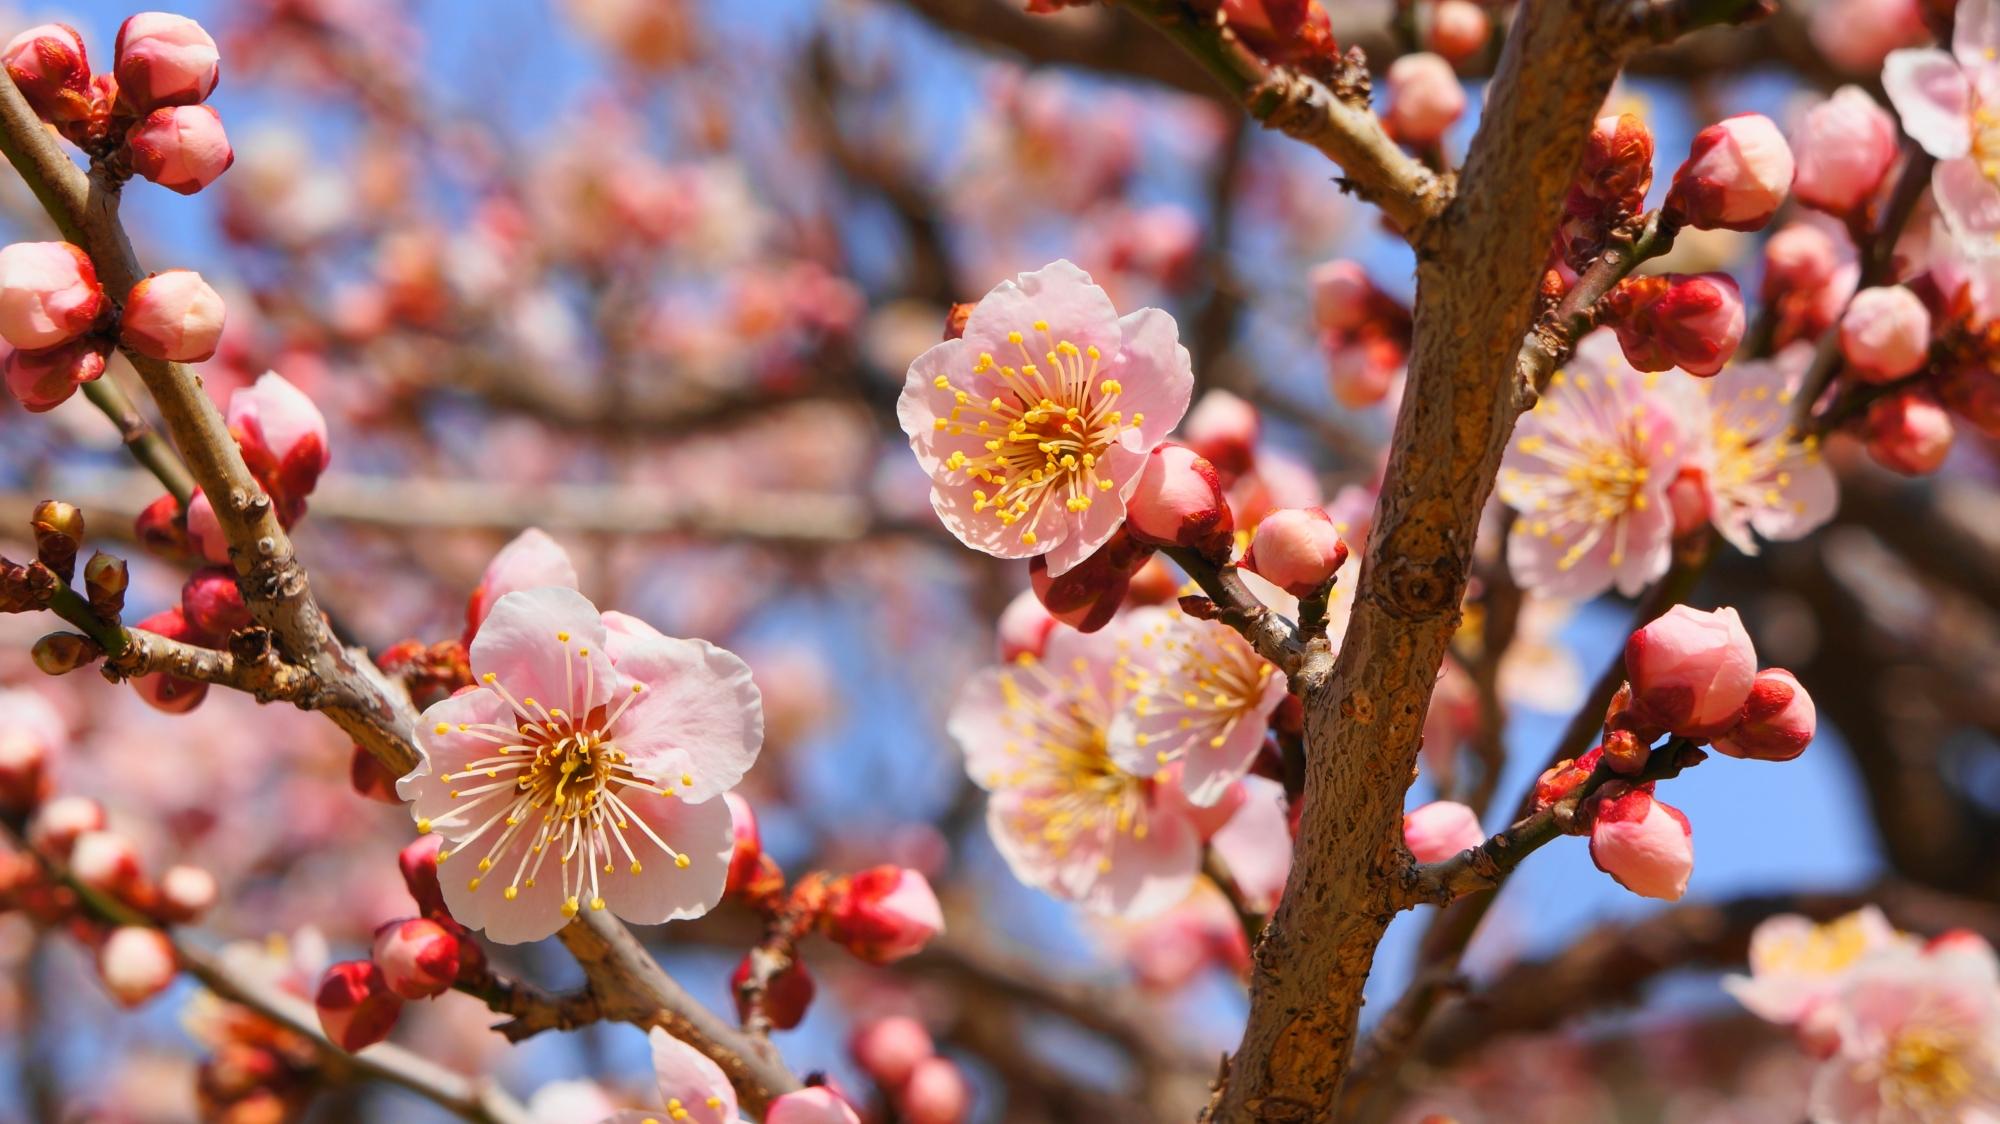 北野天満宮の春先を華やかに彩る綺麗な梅の花